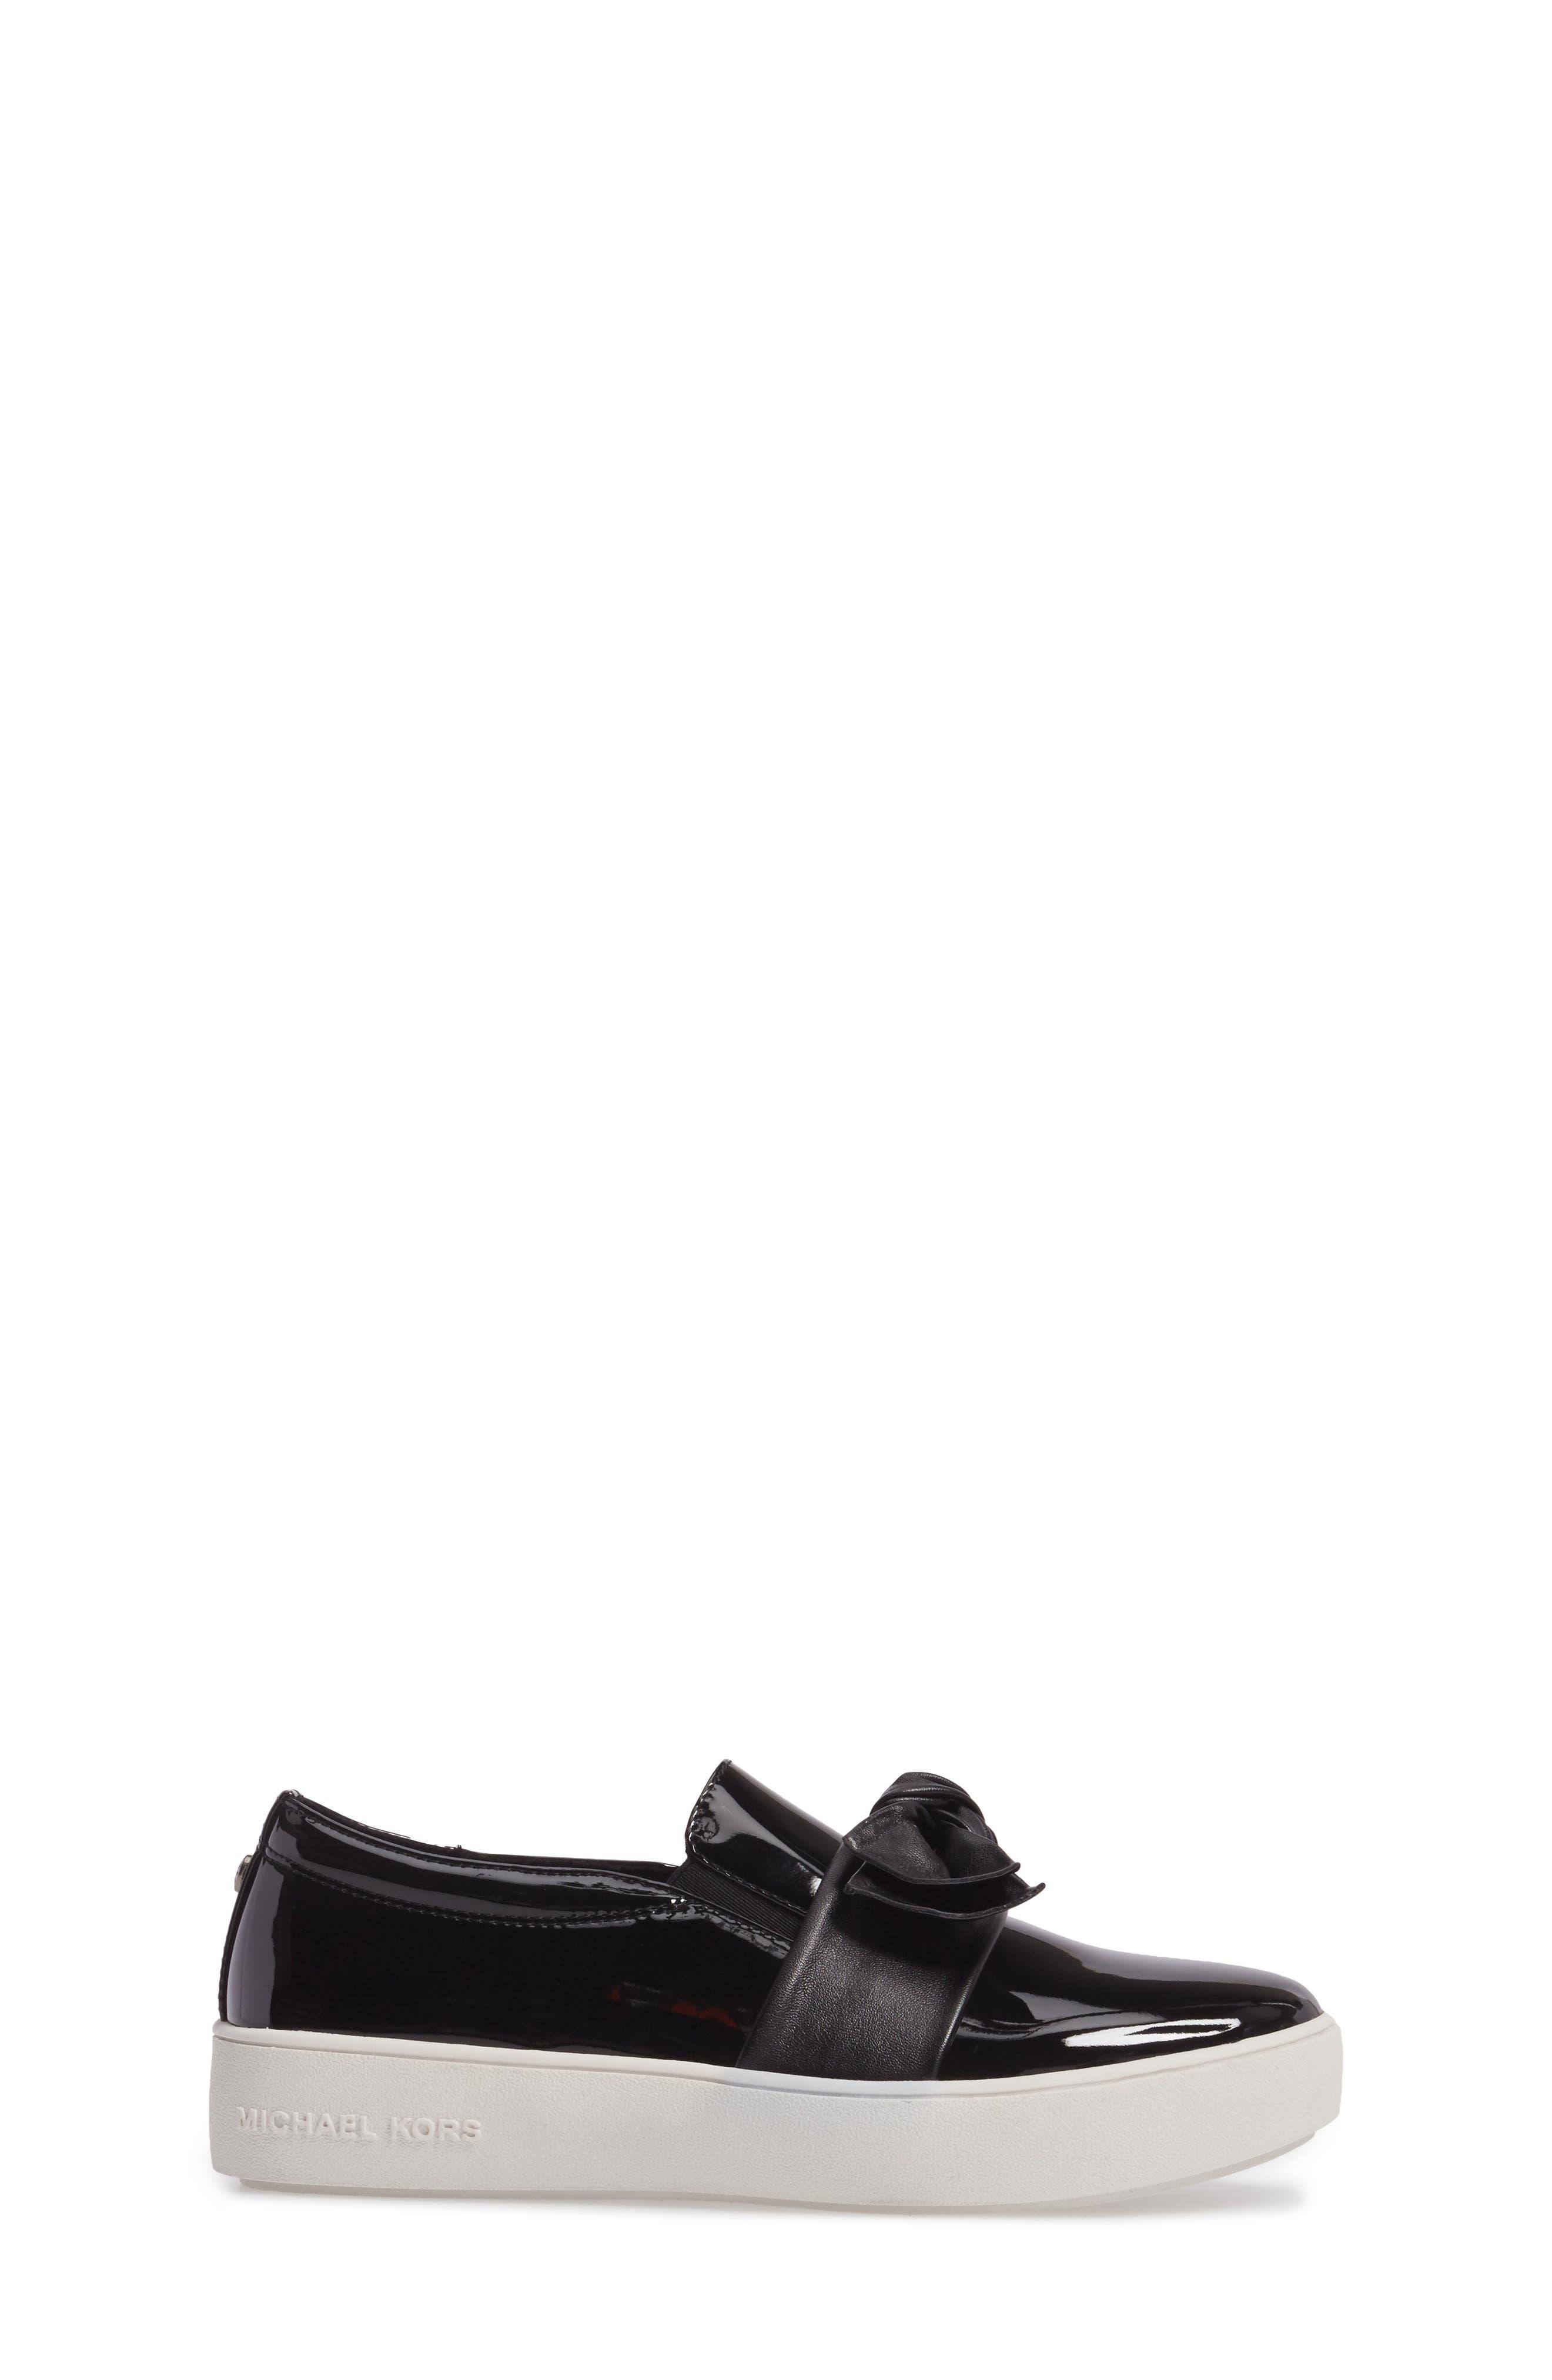 Maven Poppy Knotted Slip-On Sneaker,                             Alternate thumbnail 7, color,